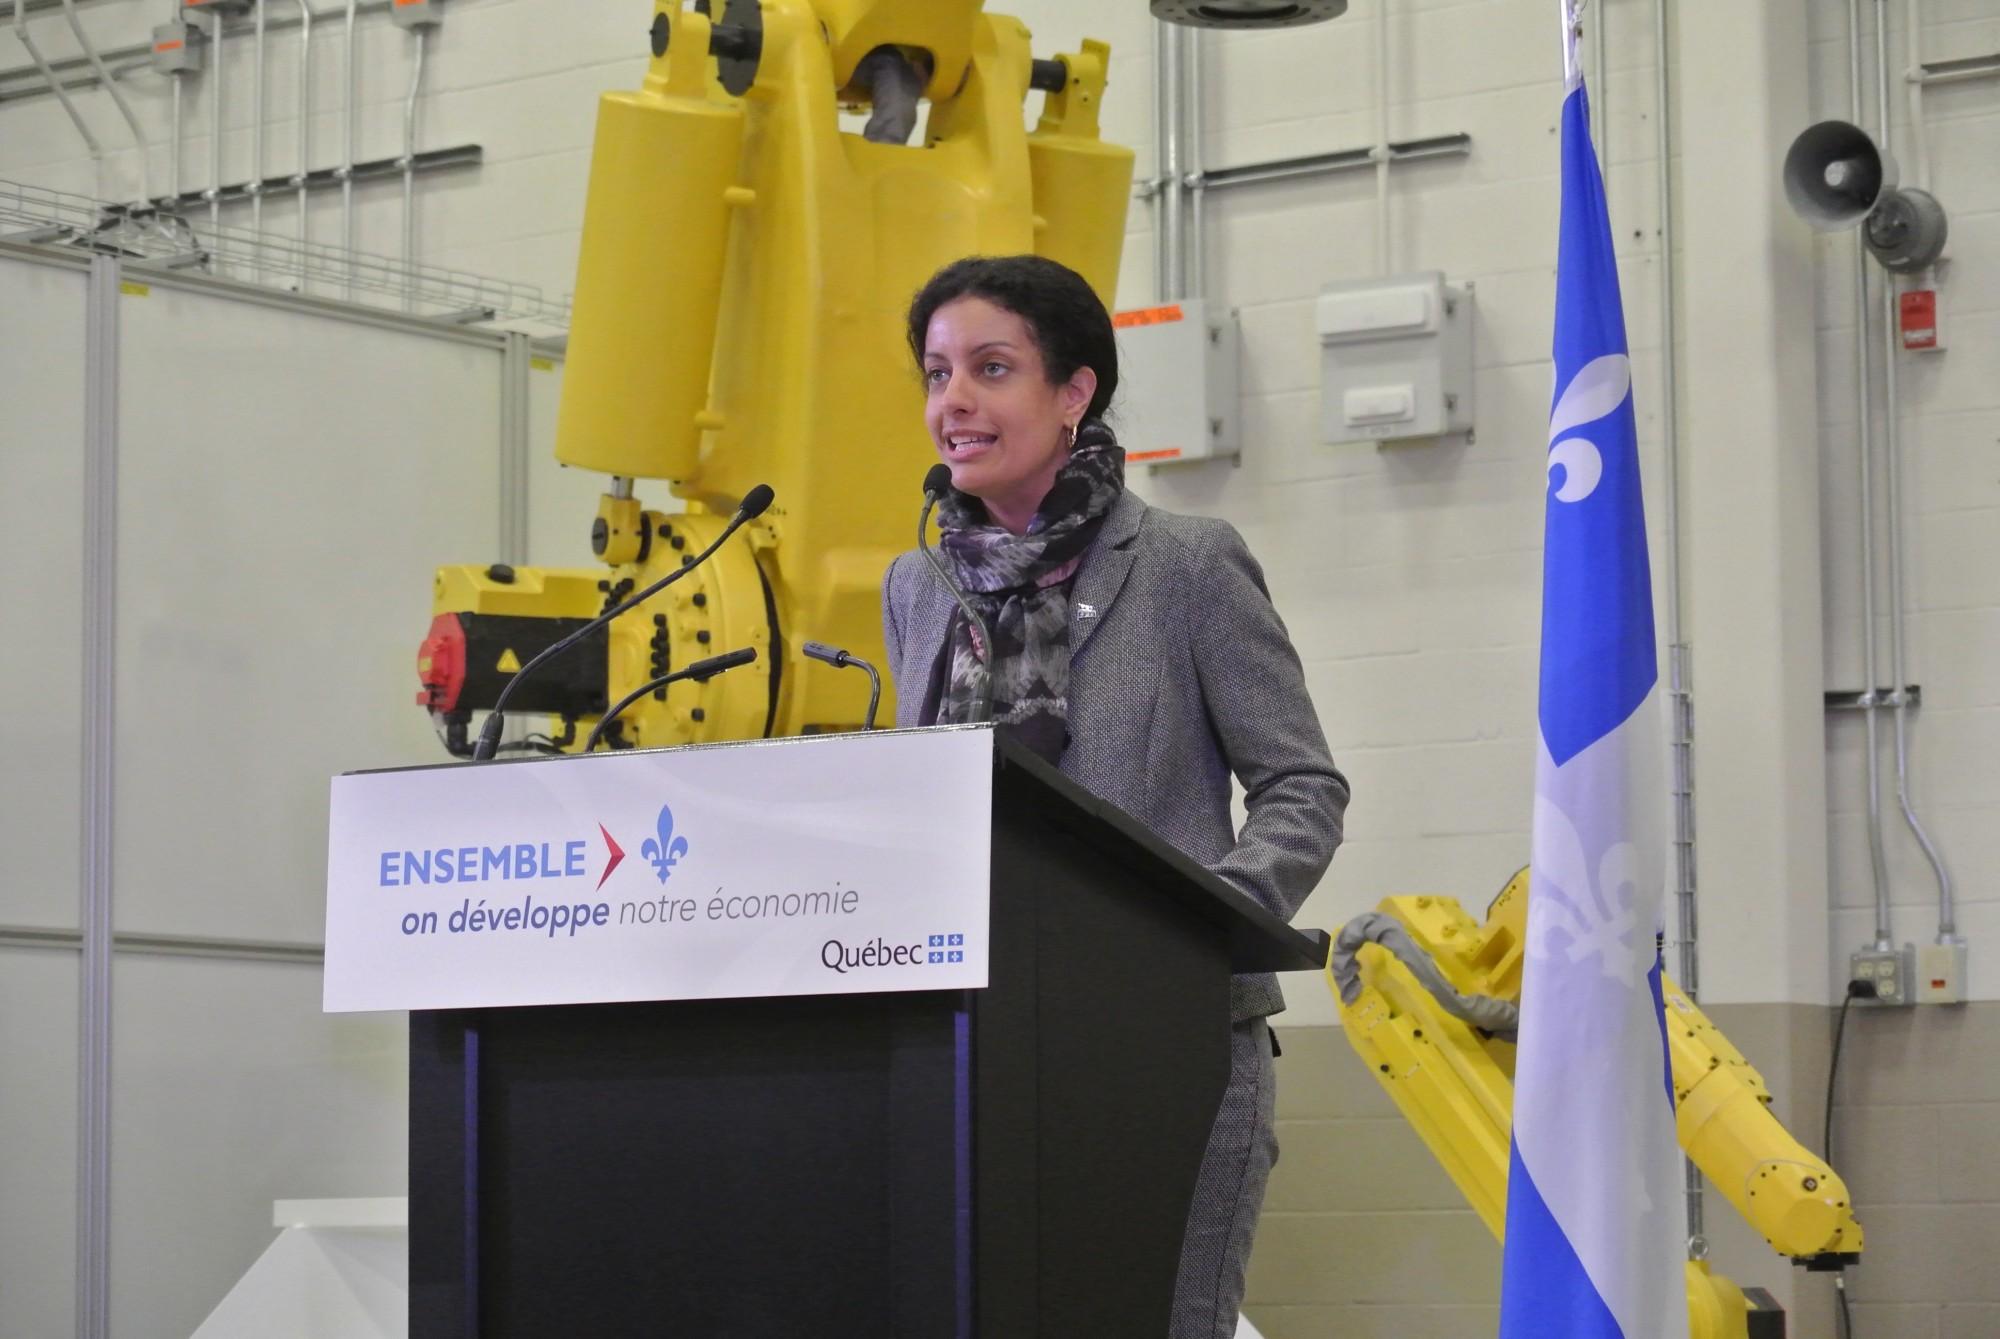 Dominique Anglade, ministre de l'Économie, de la Science et de l'Innovation et ministre responsable de la Stratégie numérique